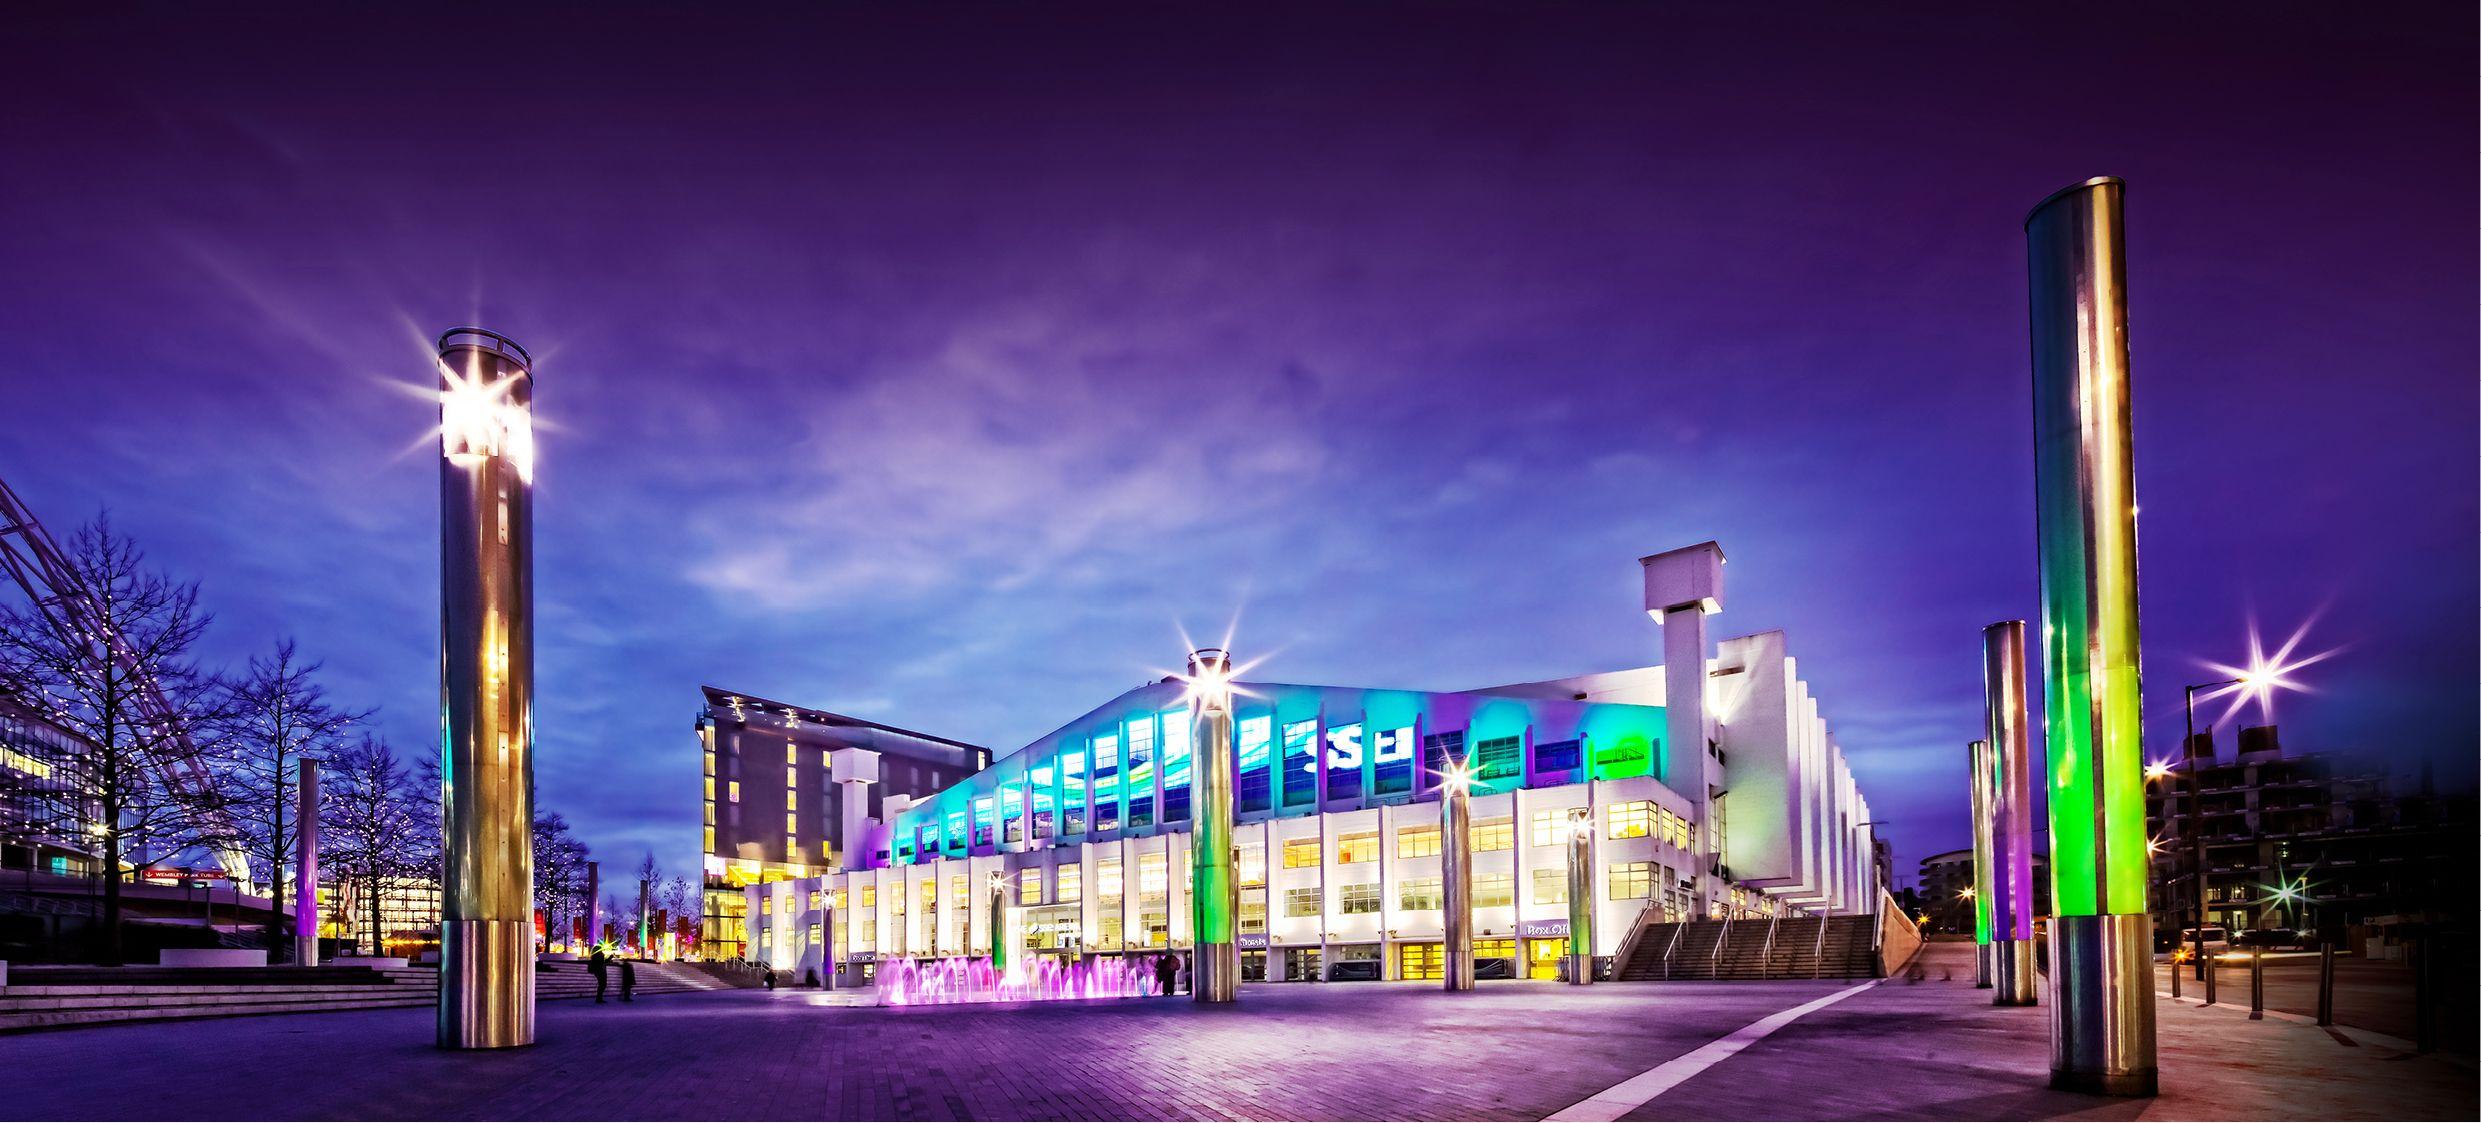 SSE Arena - Landscape